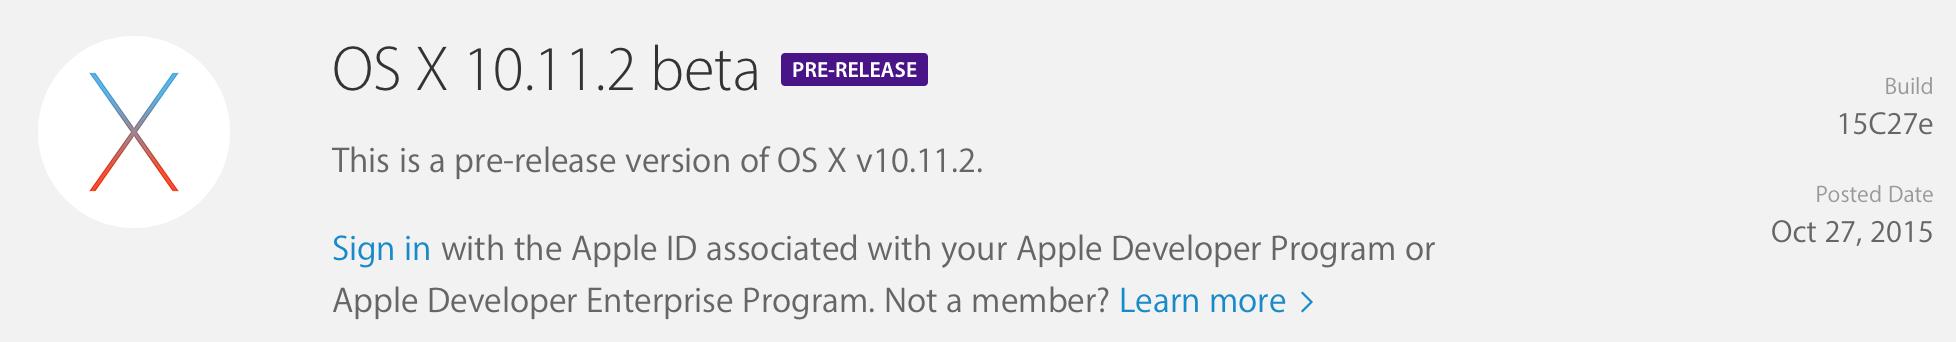 OS X Beta-Release-bildschirmfoto-2015-10-27-um-22.10.33.png